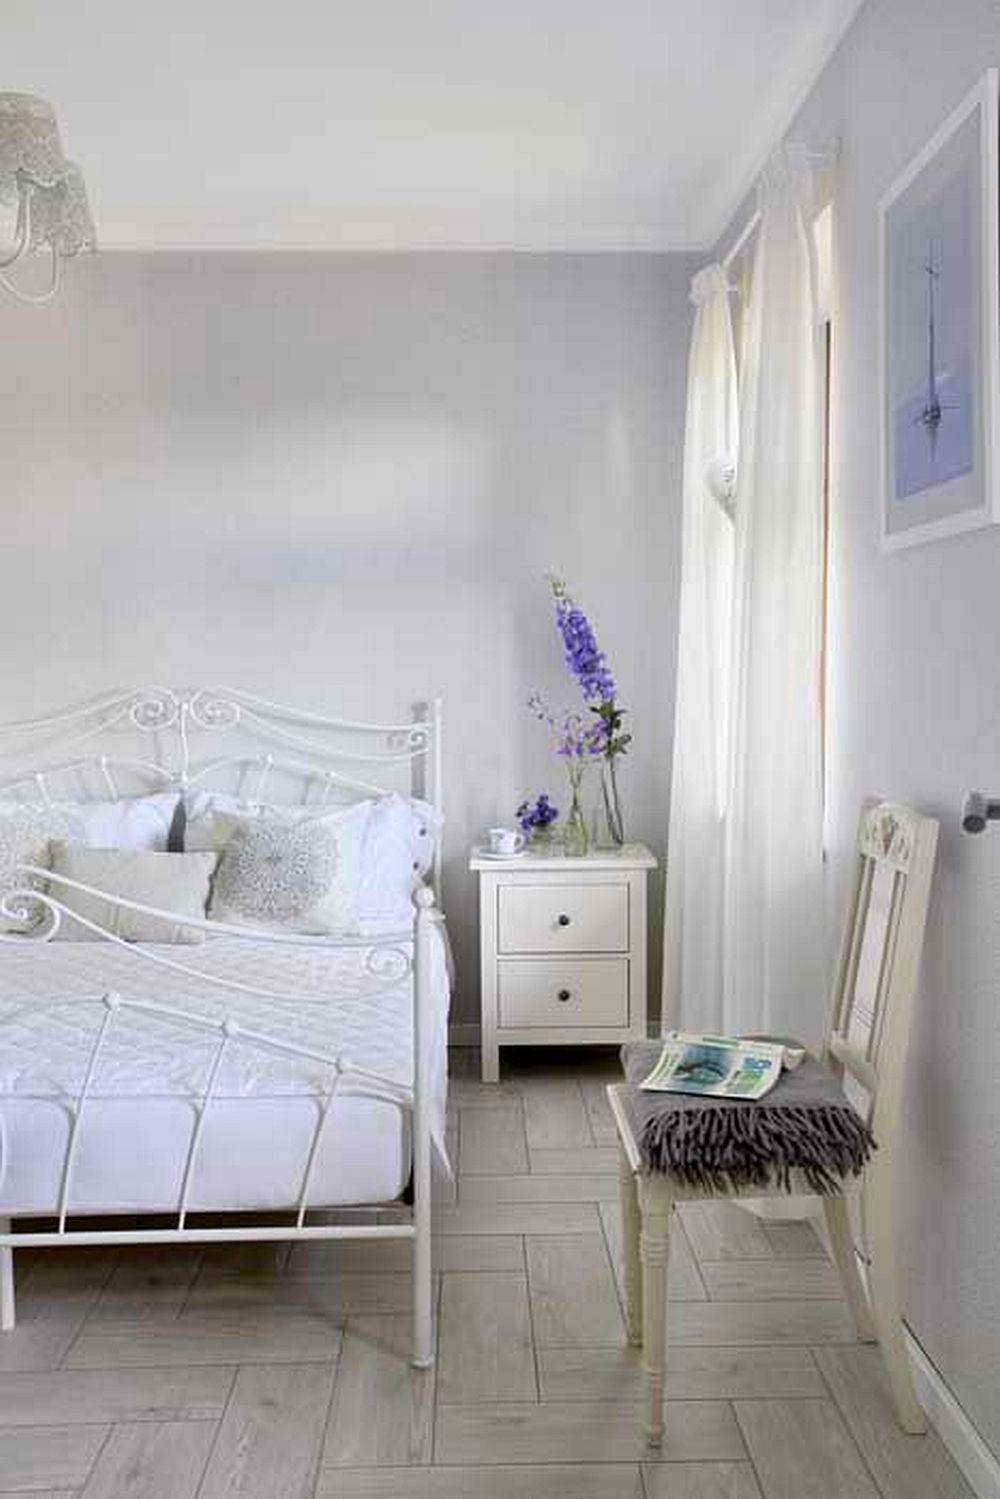 adelaparvu.com despre casa cu exterior rustic, interior modern, amenajare scandinava, casa Polonia, Foto Aneta Tryczynska (16)